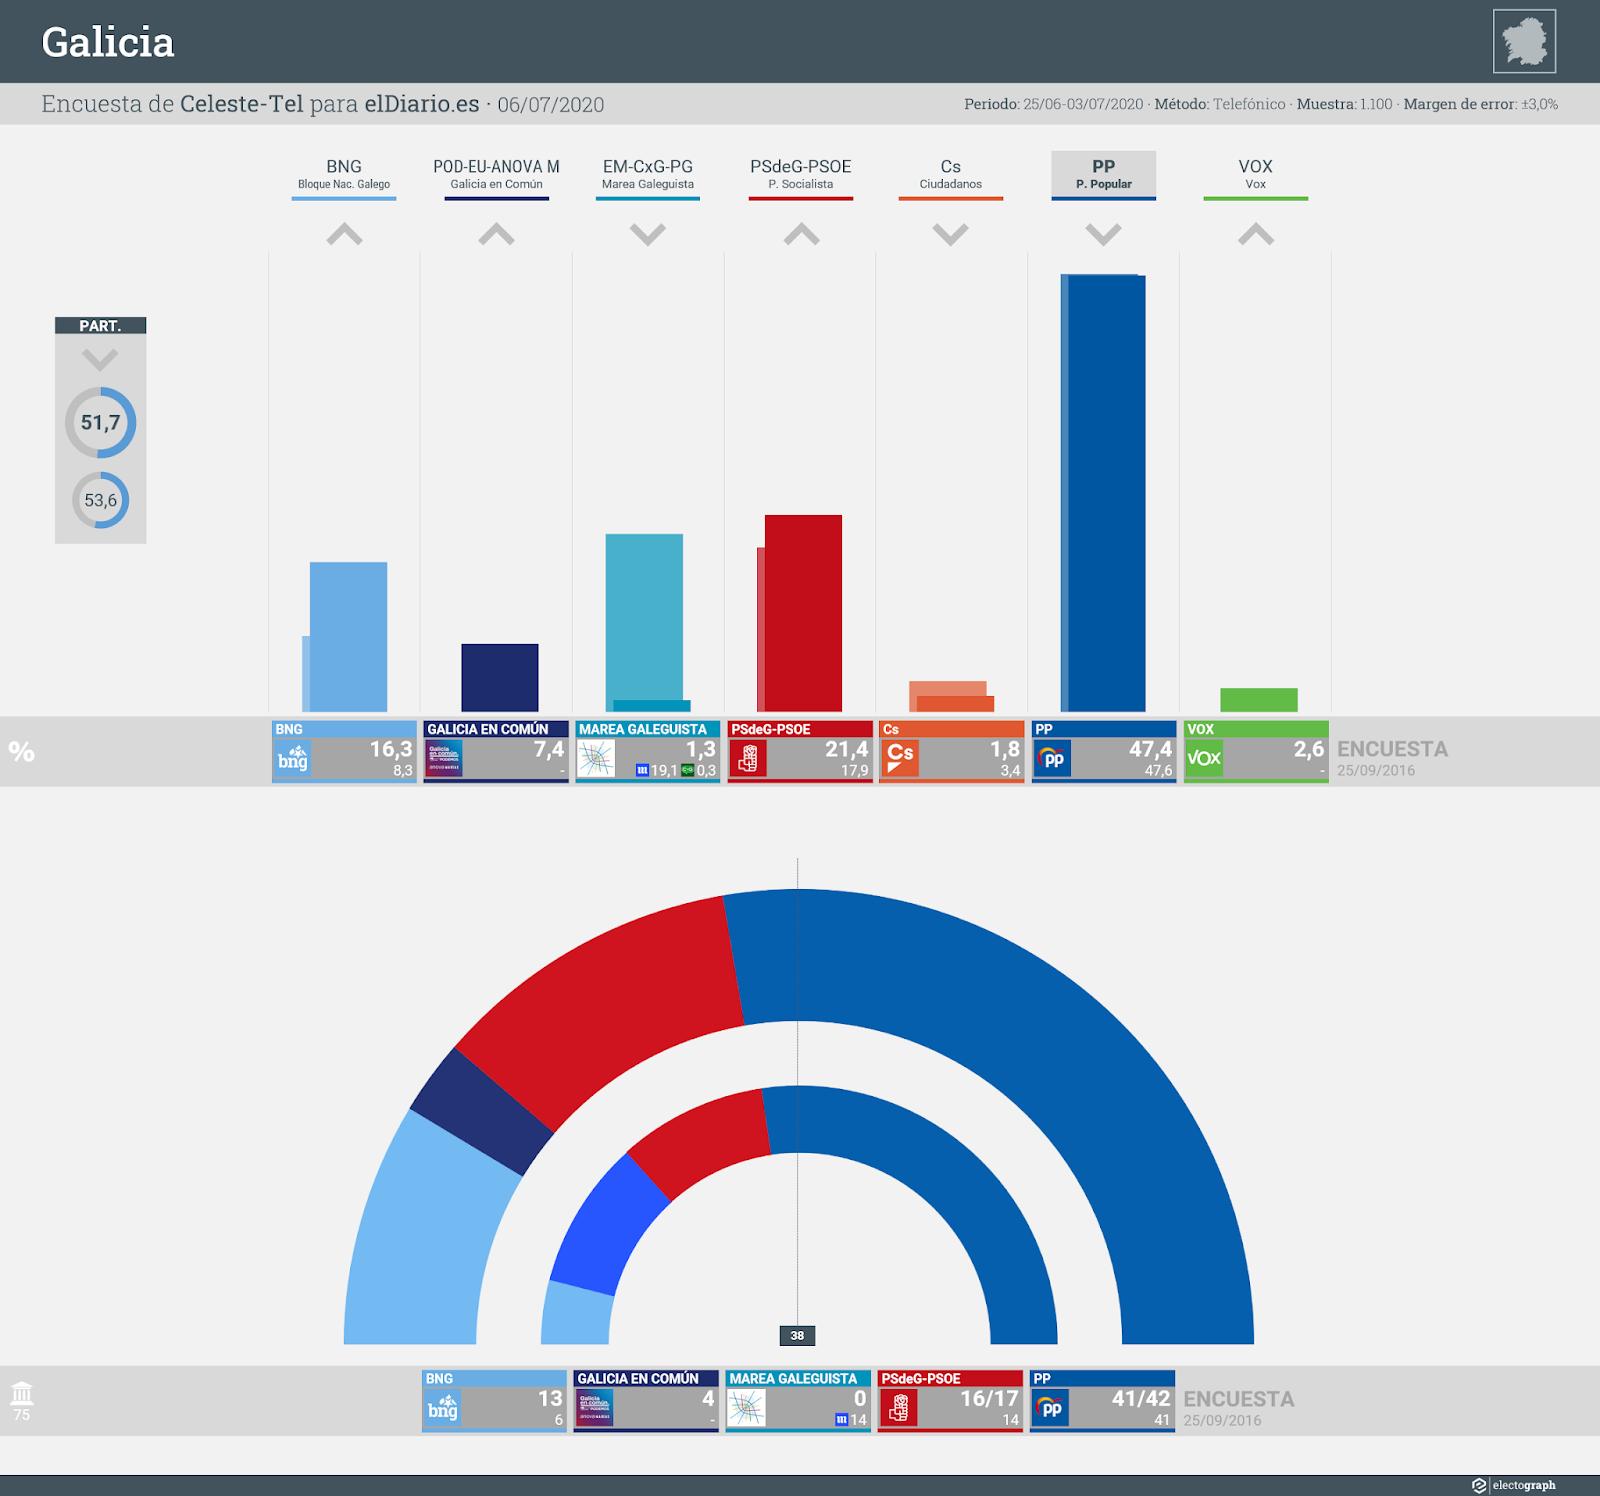 Gráfico de la encuesta para elecciones autonómicas en Galicia realizada por Celeste-Tel para eldiario.es, 6 de julio de 2020